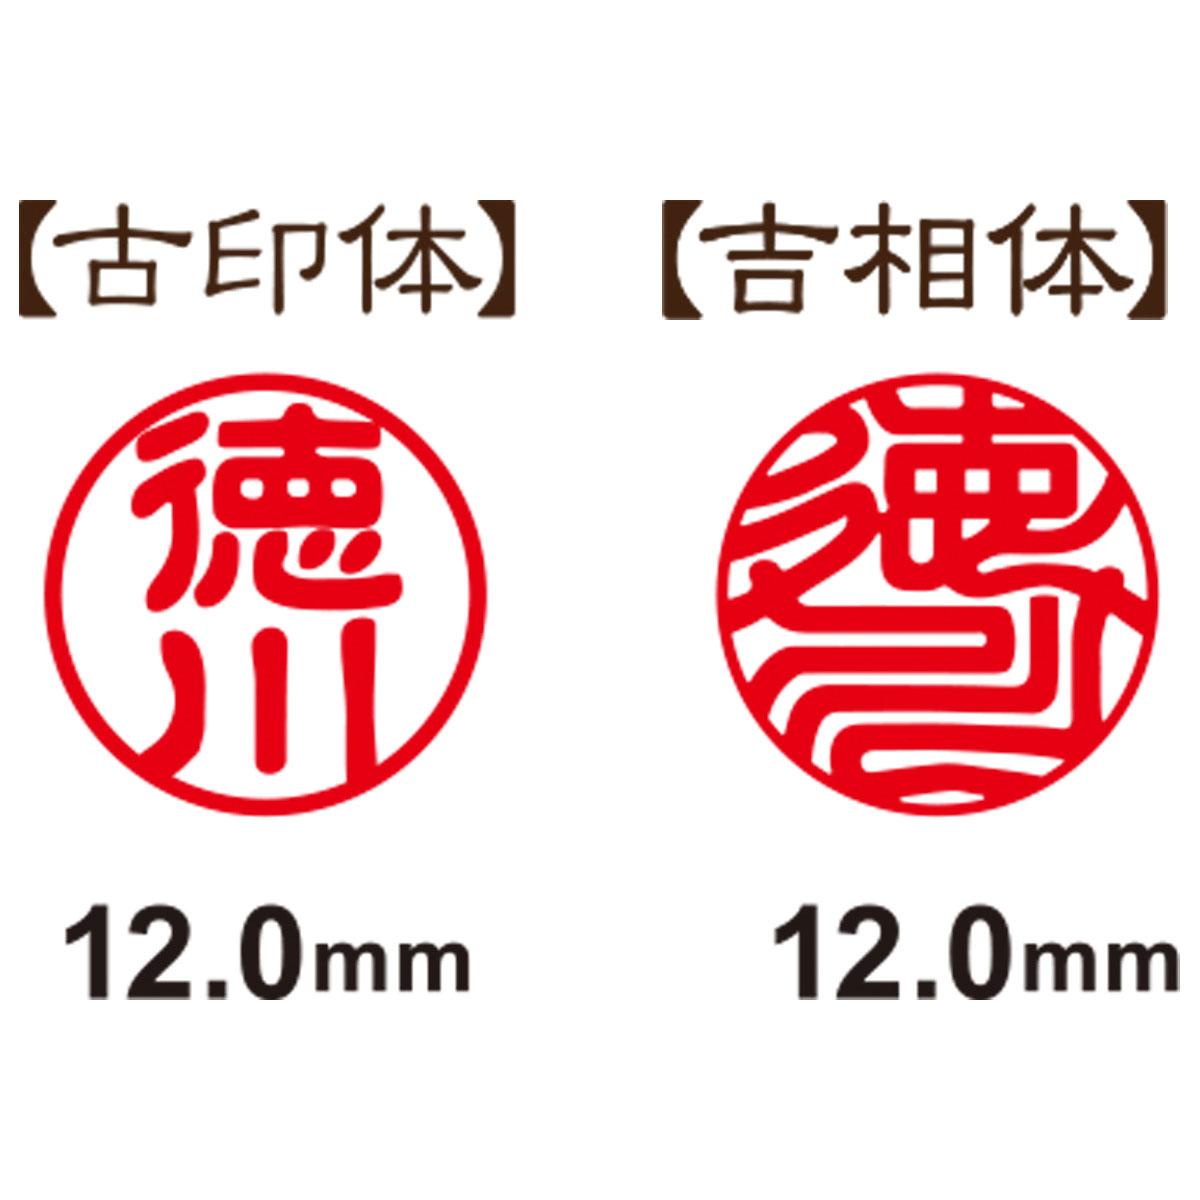 印鑑 アカネ 12mm 銀枠牛革グランドケース 認印・銀行印向き